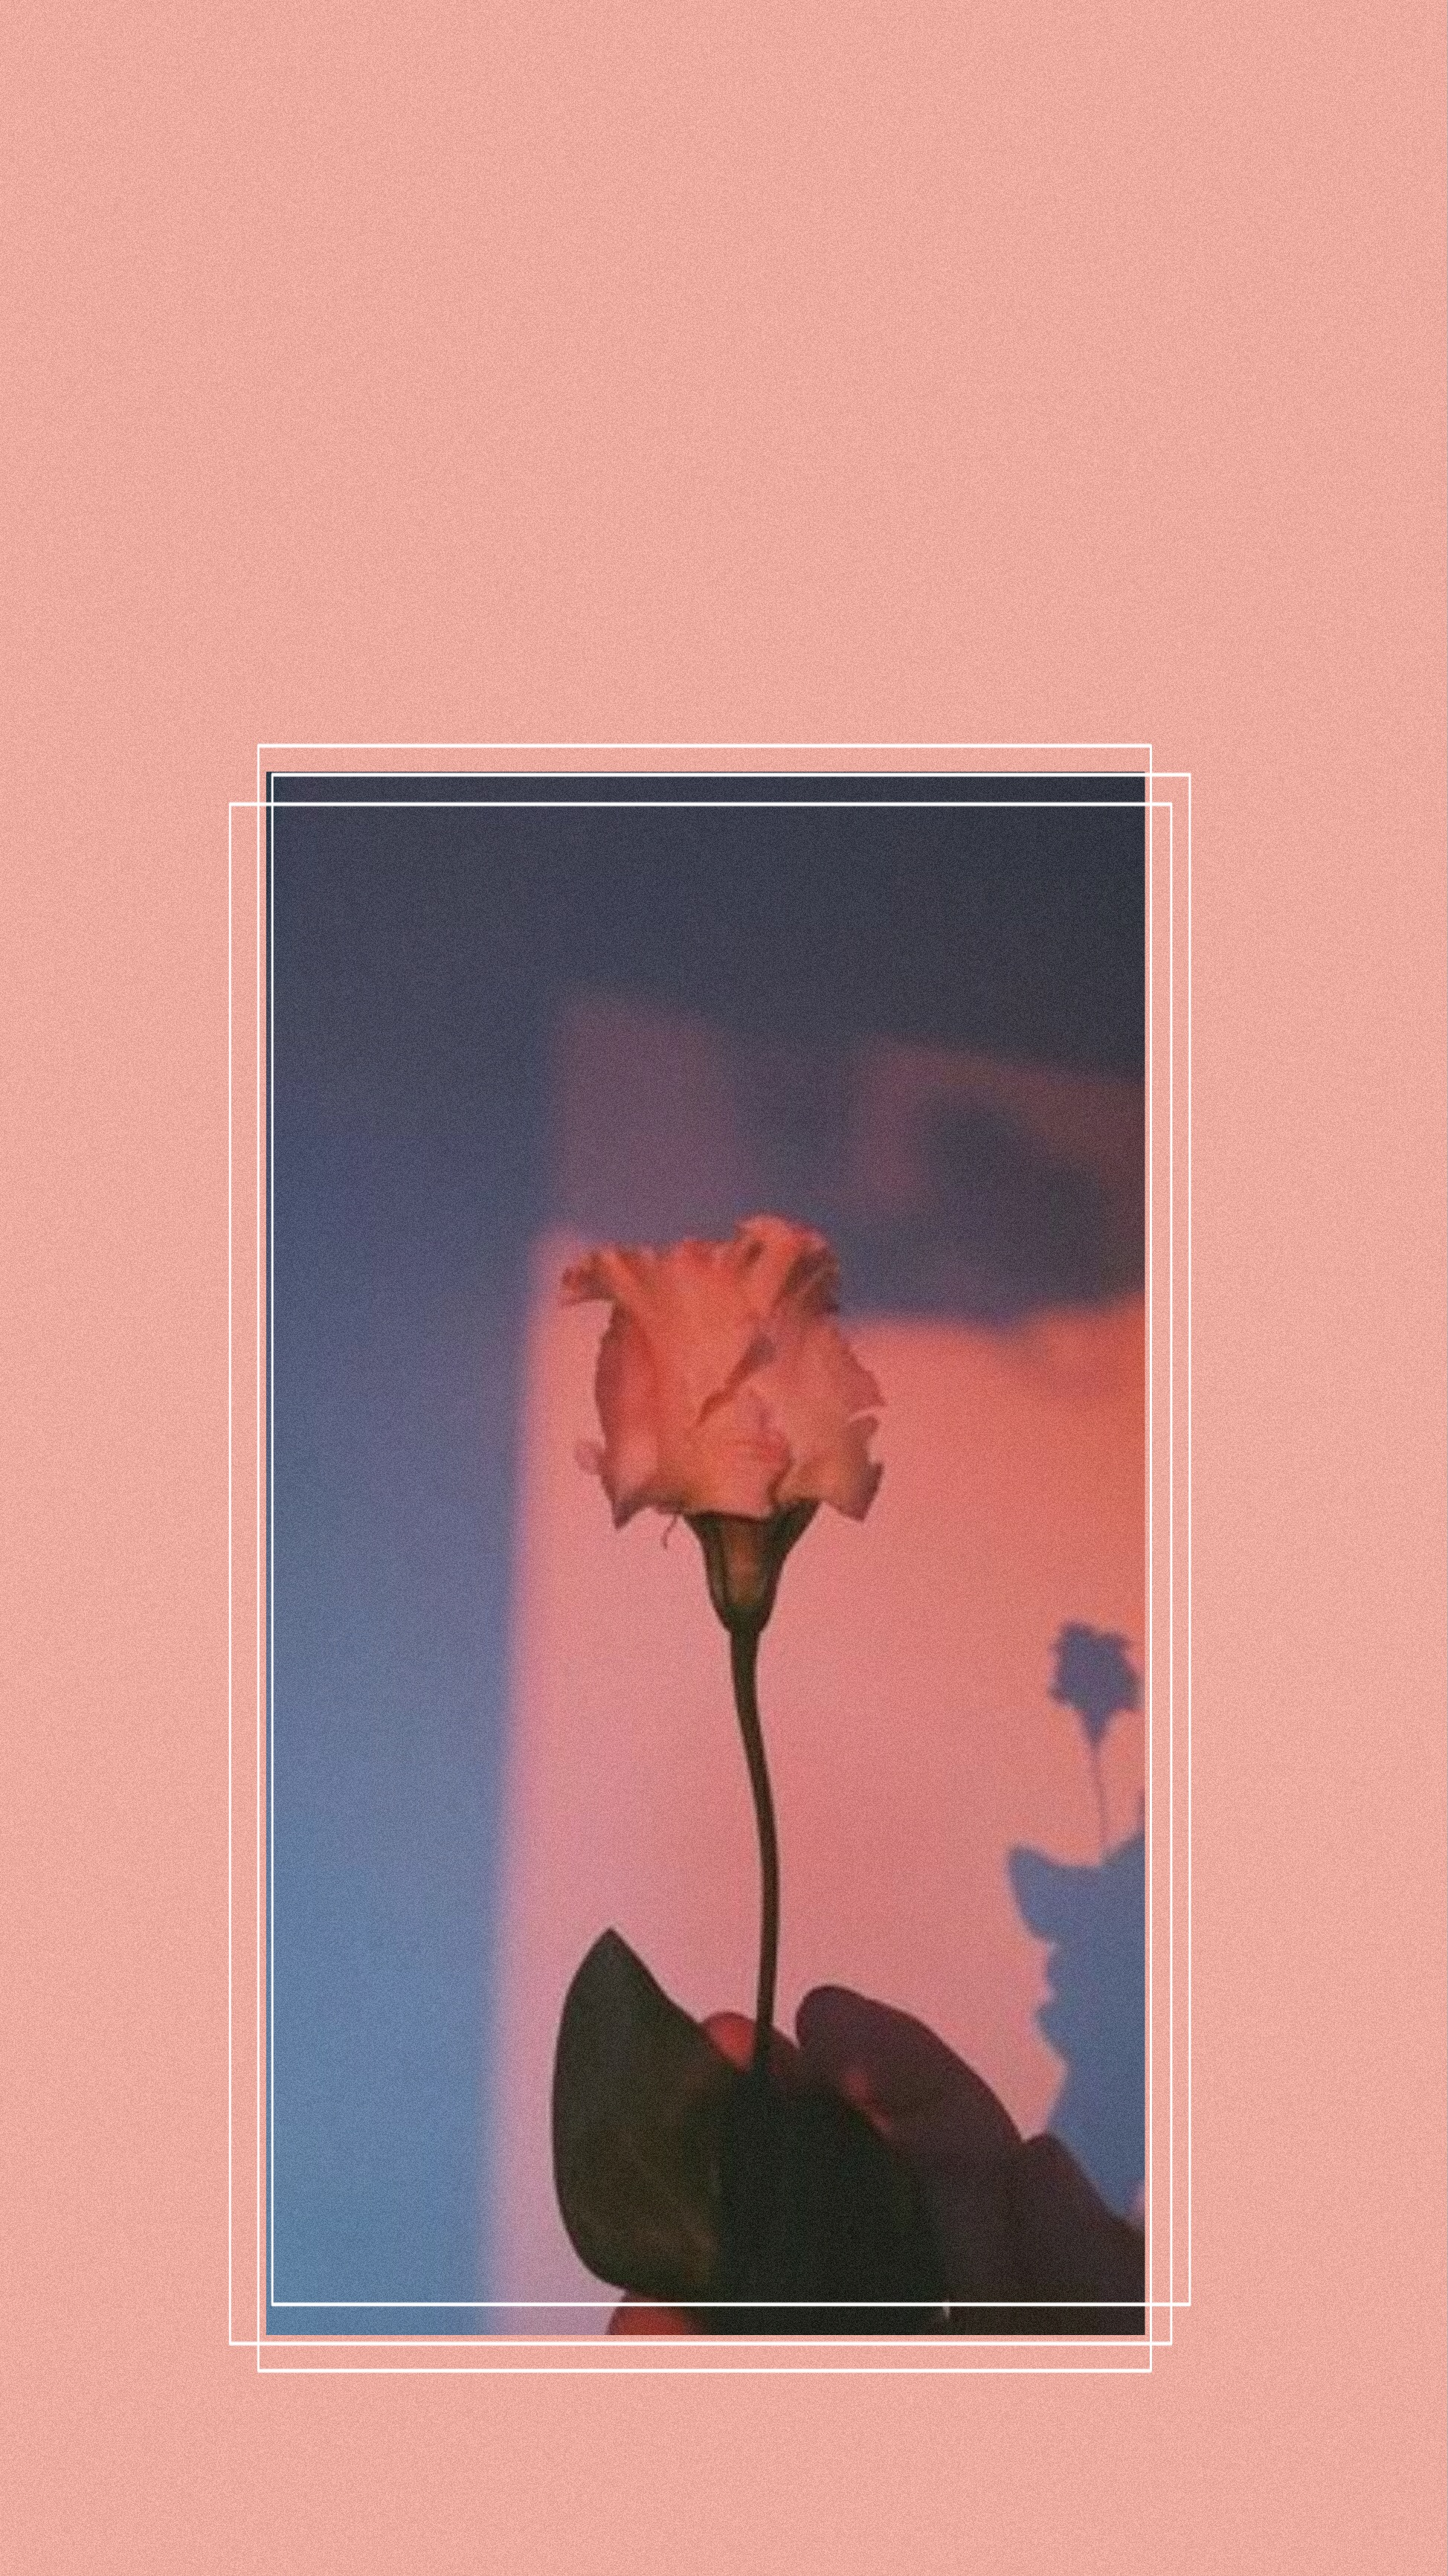 Wallpaper 80 S Retro Style Babyyyy Pink Roses Rose Aest